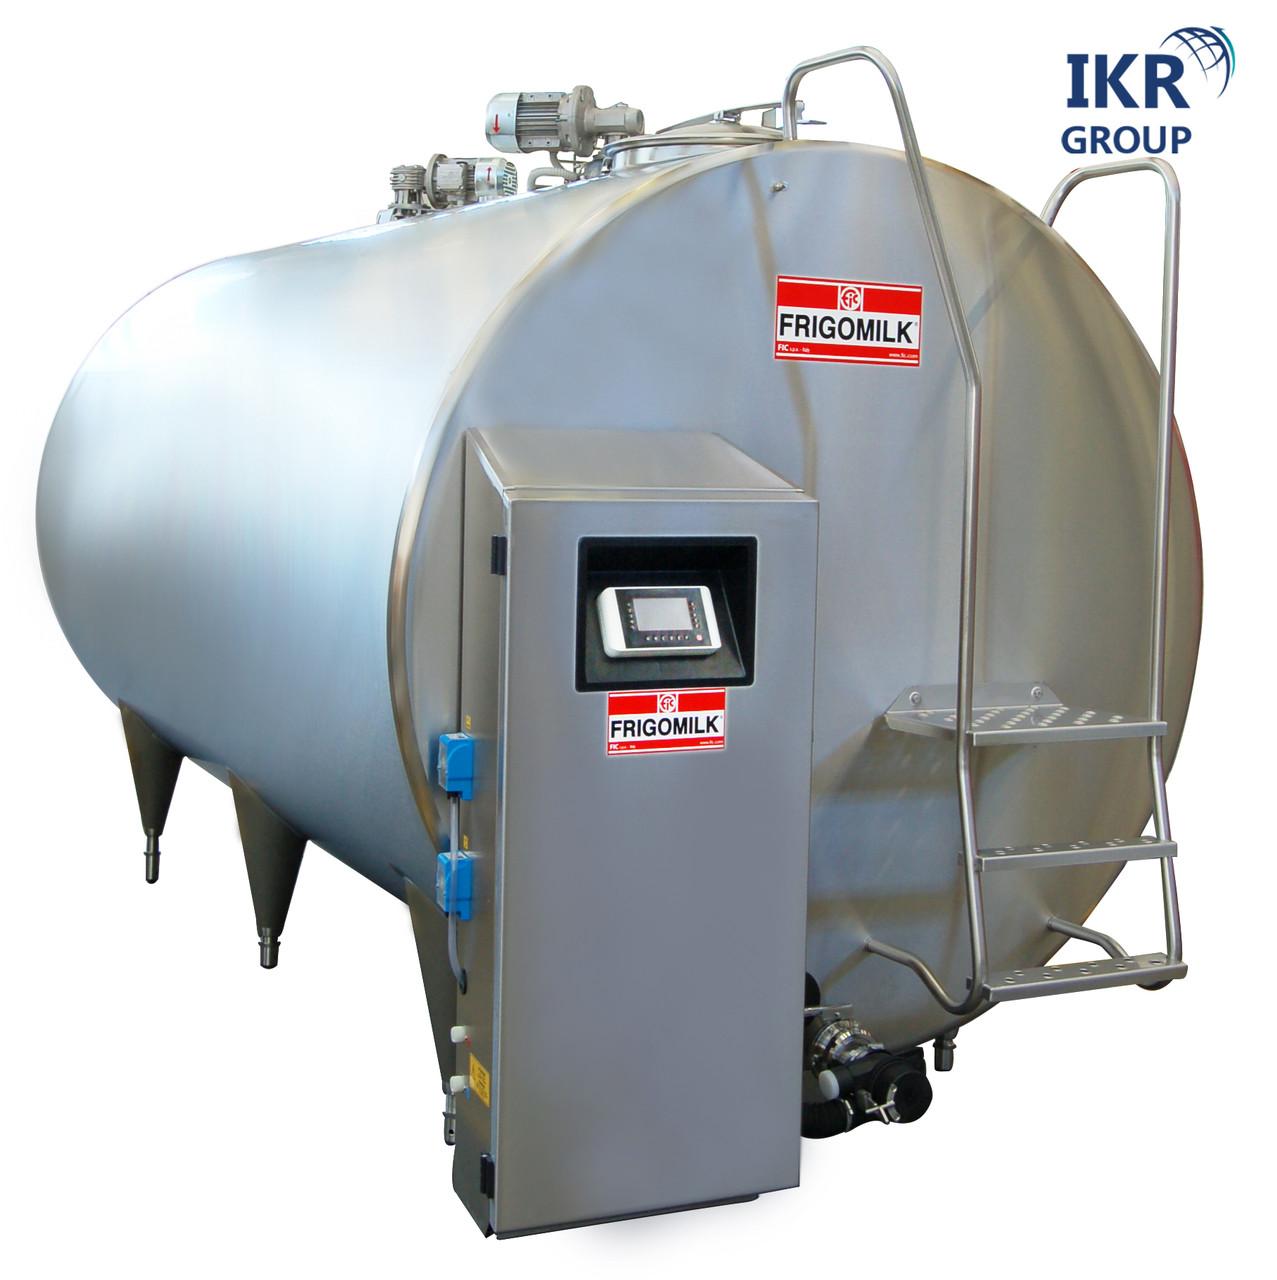 Танк охладитель молока новый Frigomilk G9 объемом 4000 литров